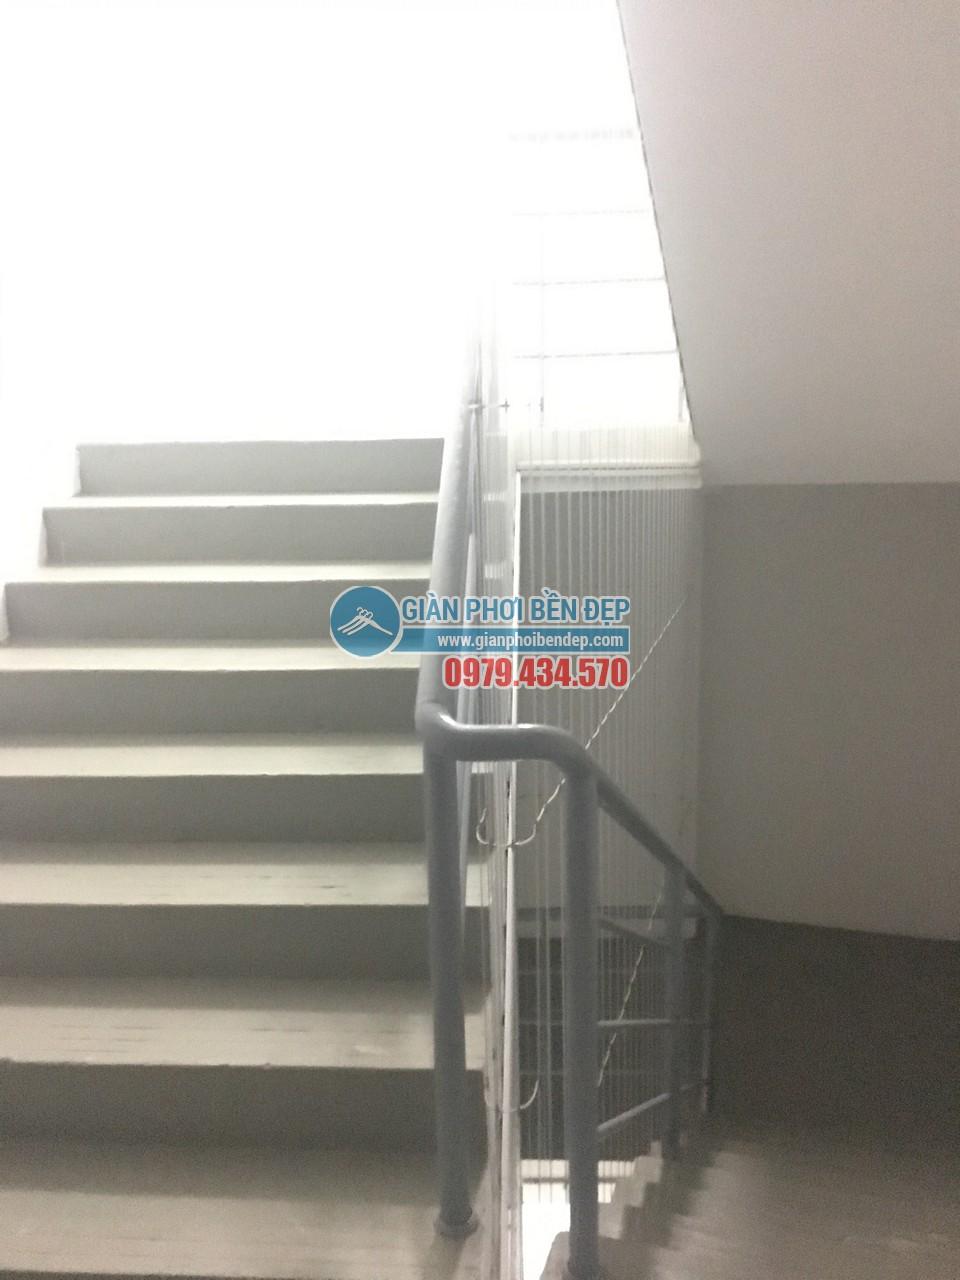 Hoàn thiện lắp đặt lưới an toàn cho cầu thang bộ tòa CT8A Dương Nội, Hà Đông - 02